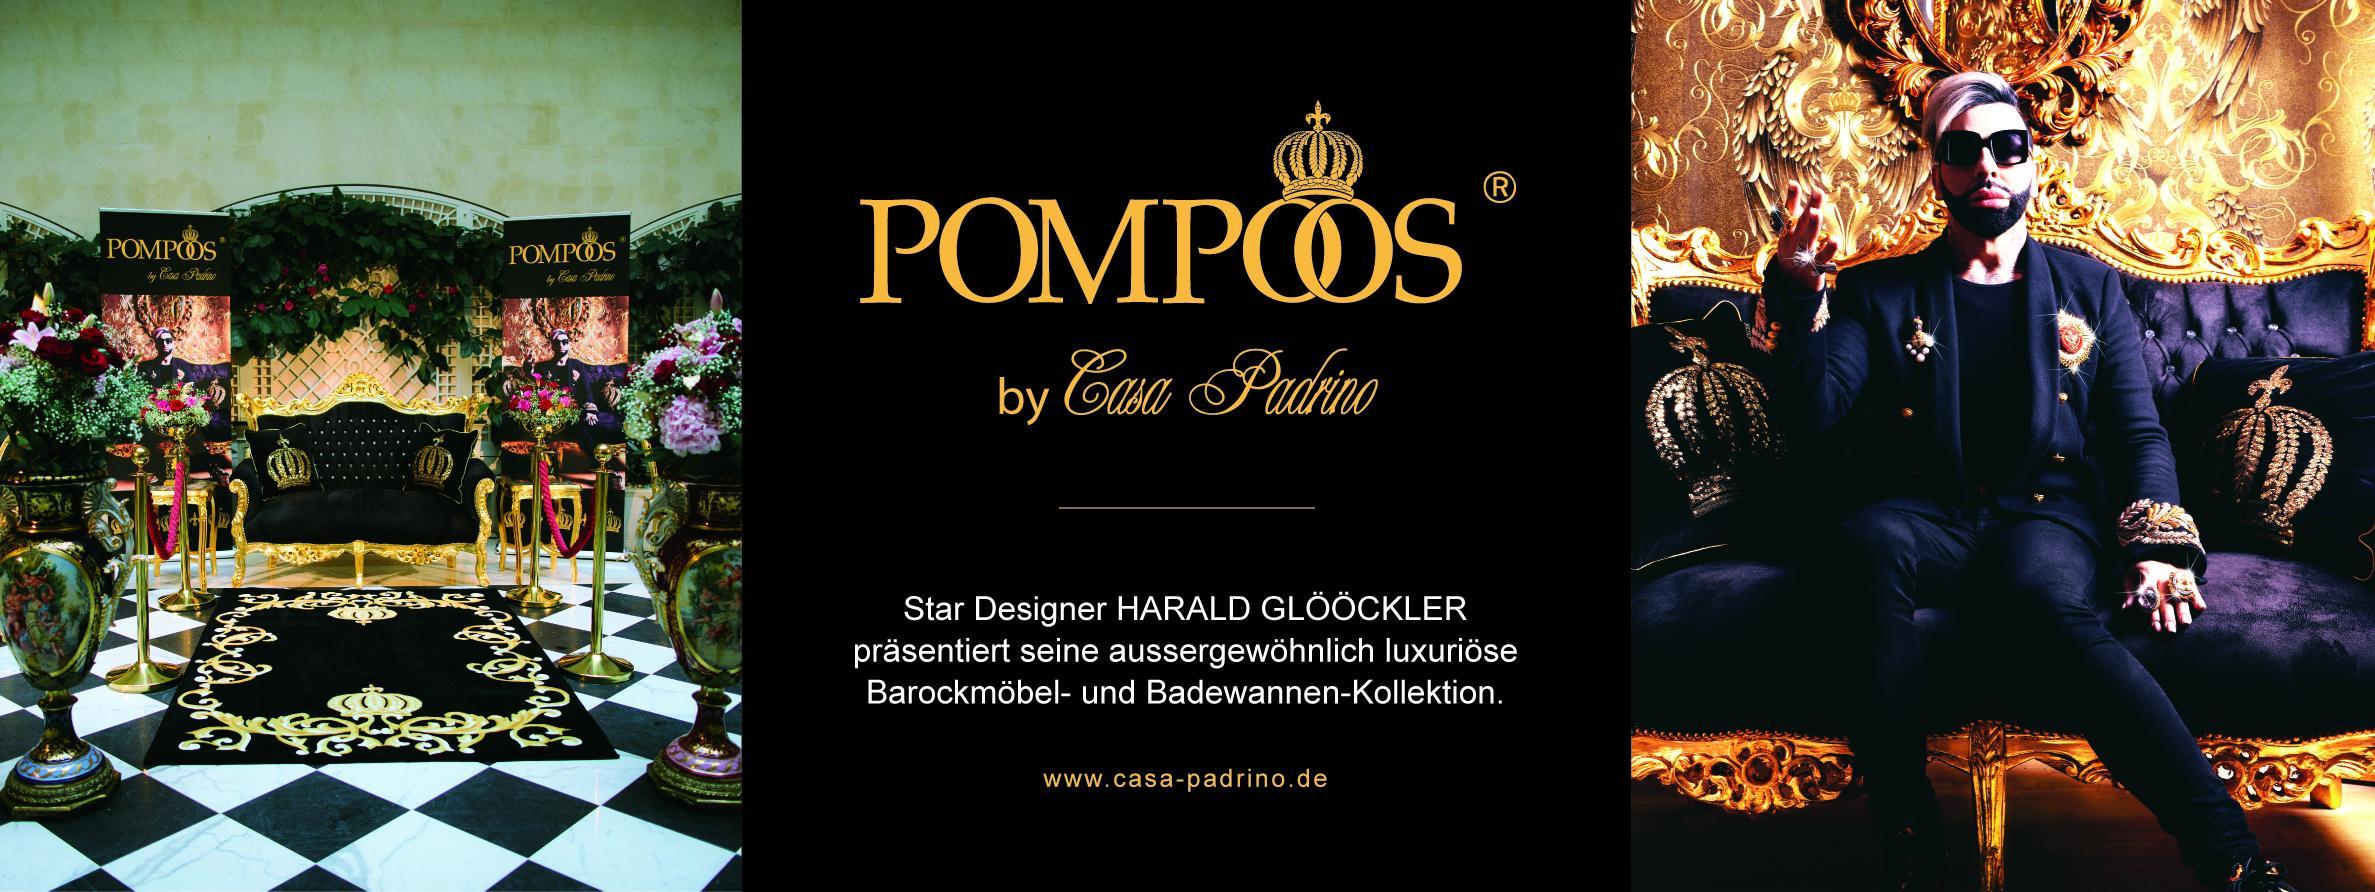 Casa-Padrino.de - Luxus Barock Möbel, Dekorationen, Stühle ...